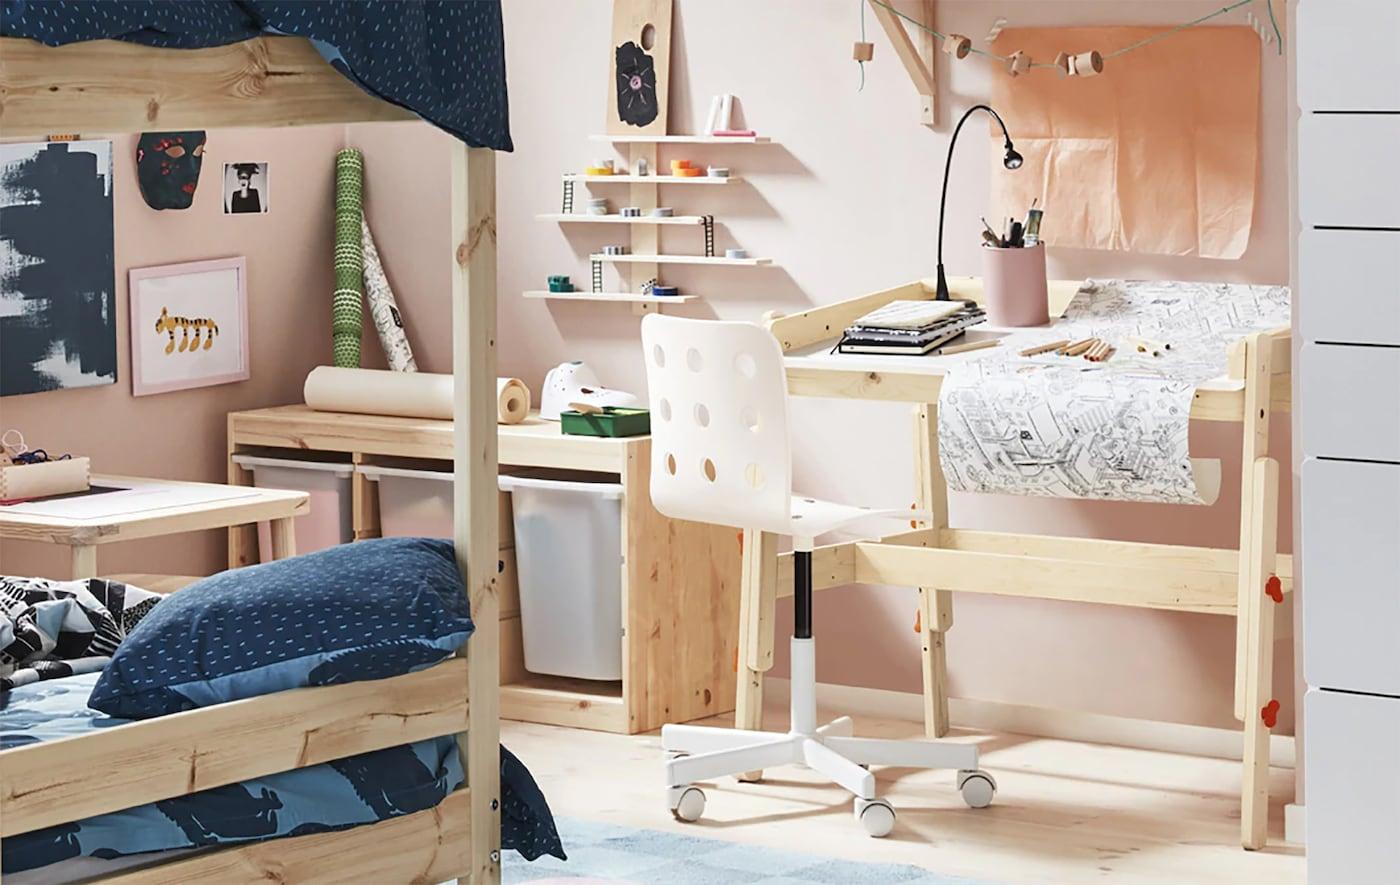 Детская в светло-розовой гамме с мебелью из светлого дерева, включая письменный стол и двухъярусную кровать.